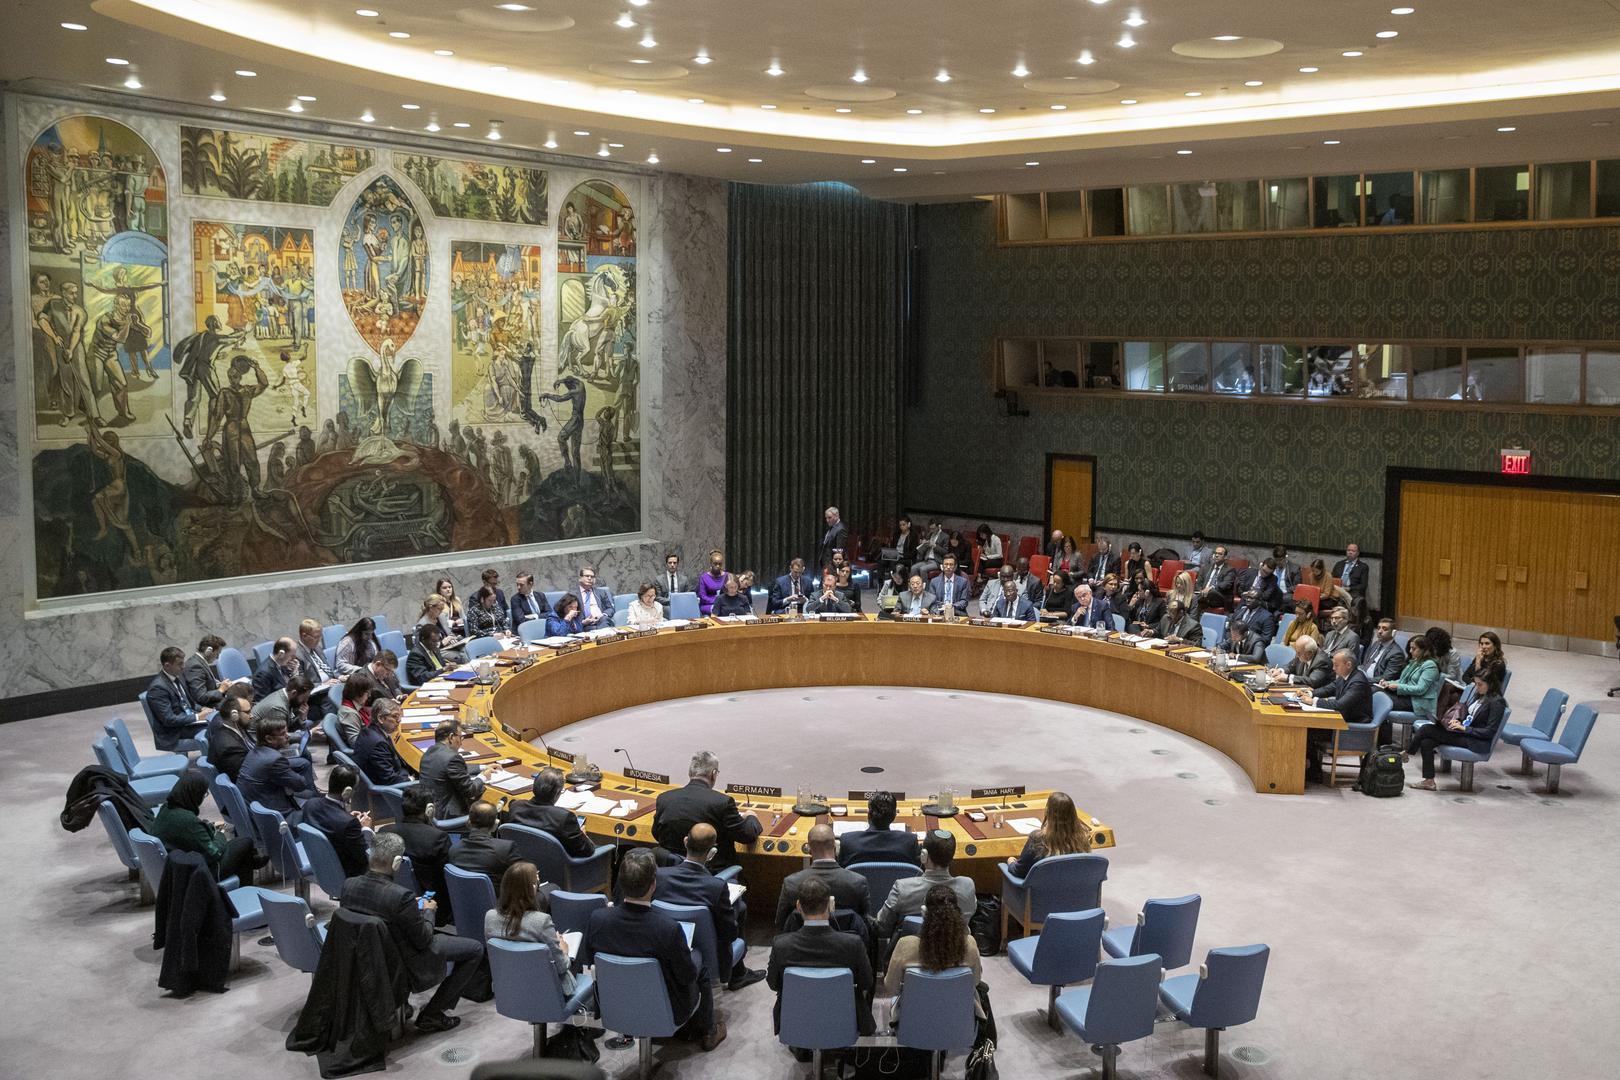 مجلس الأمن الدولي يمدد تفويض بعثة الأمم المتحدة في أفغانستان لـ6 أشهر